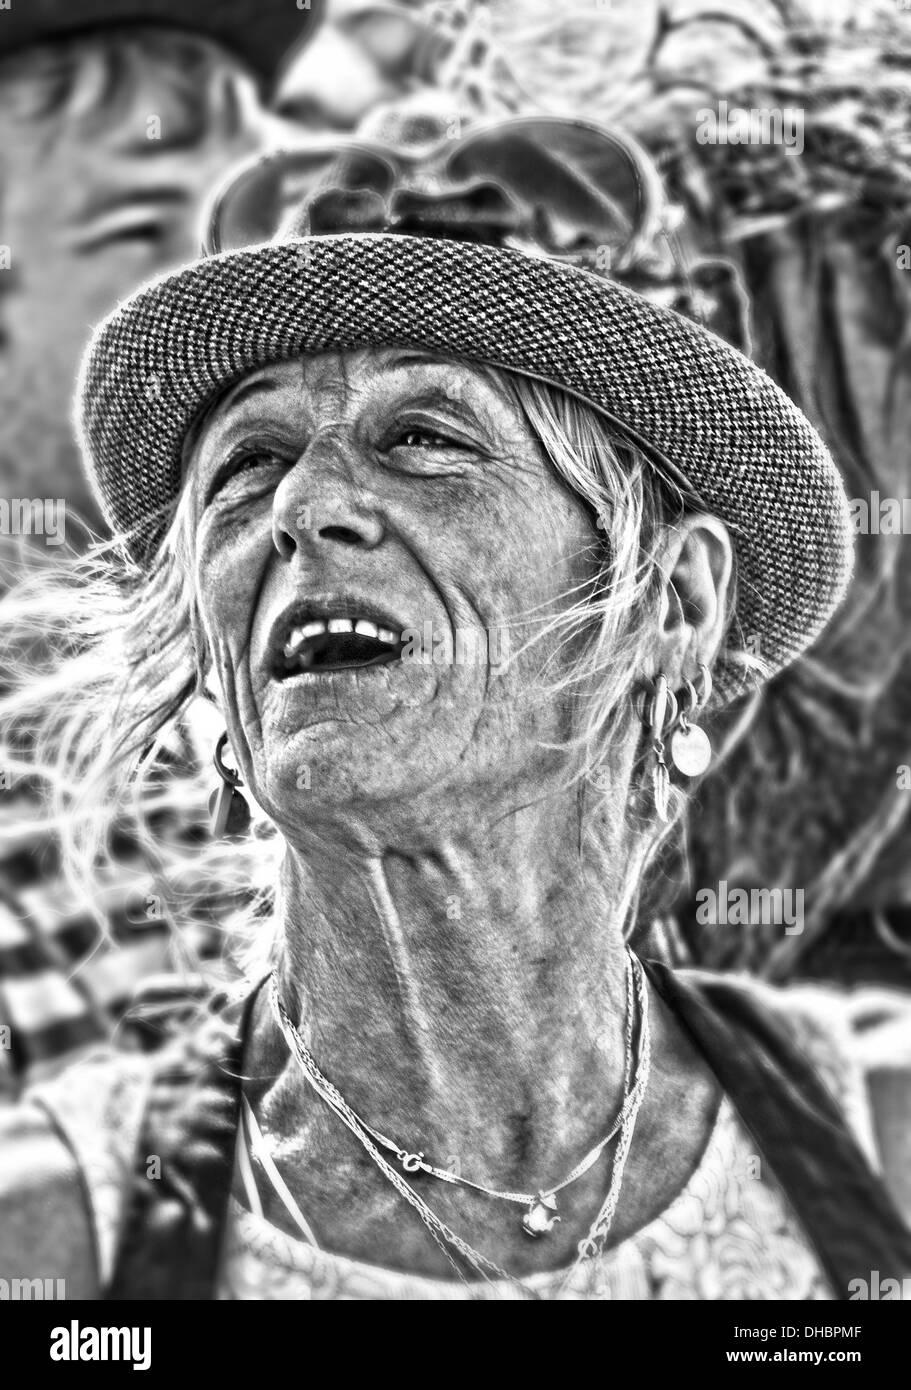 Un reportaje en blanco y negro estilo retrato de una mujer blanca europea edad 40-50 en una roca, un festival de música Imagen De Stock